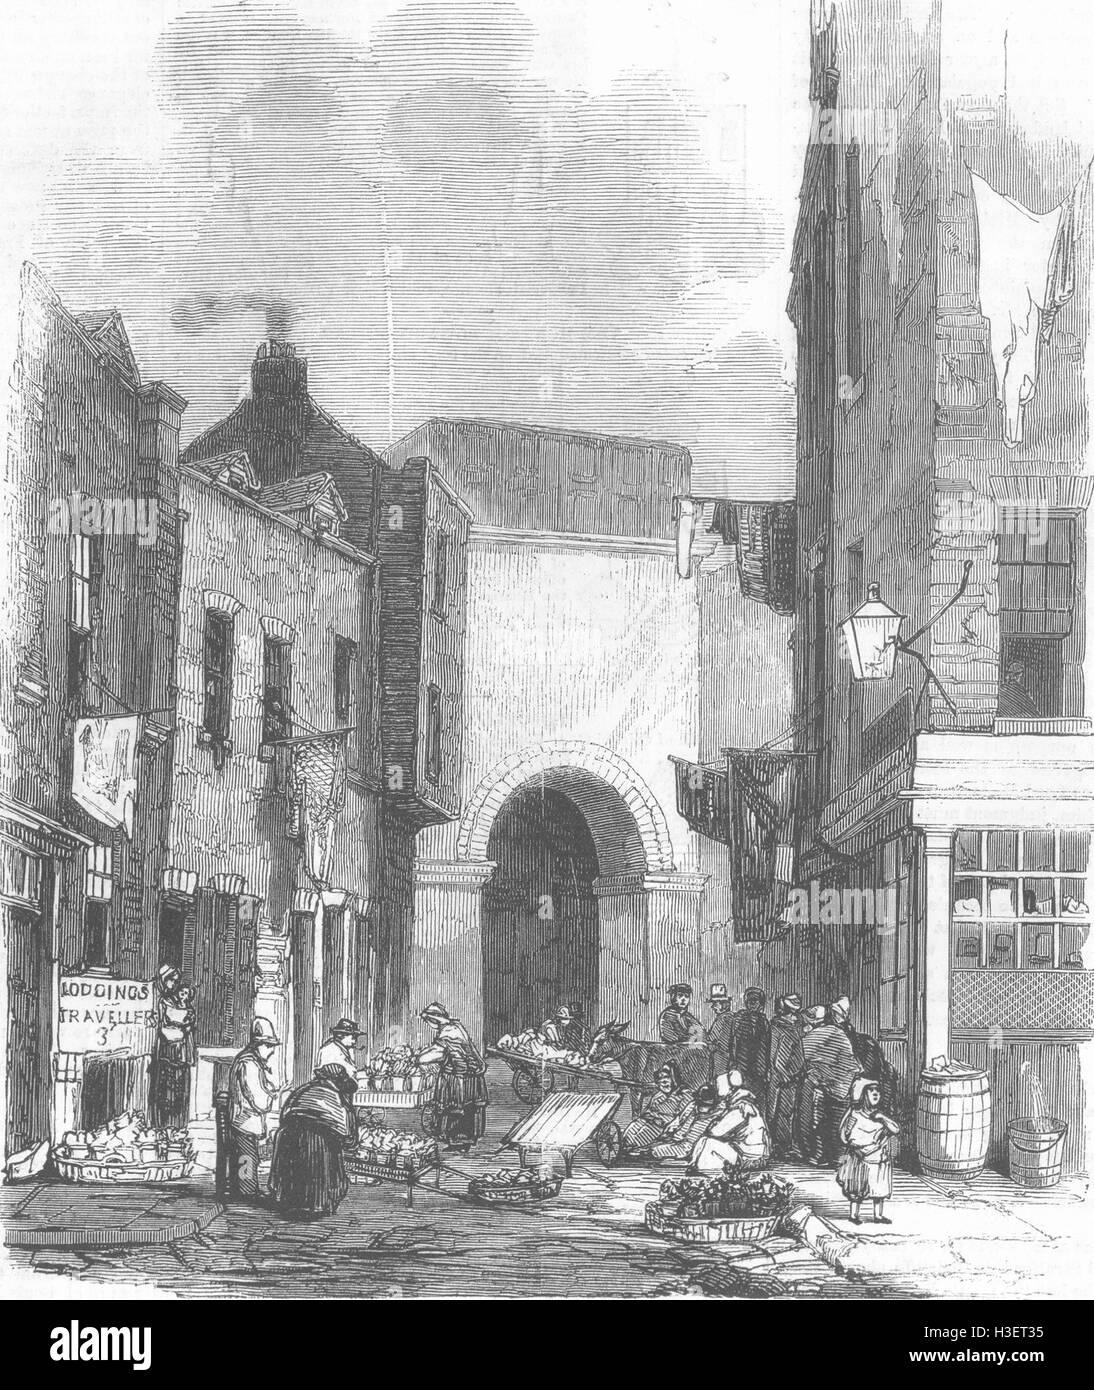 Réservoir d'eau de Londres à St Giles's-in-the Fields 1858. Illustrated London News Photo Stock